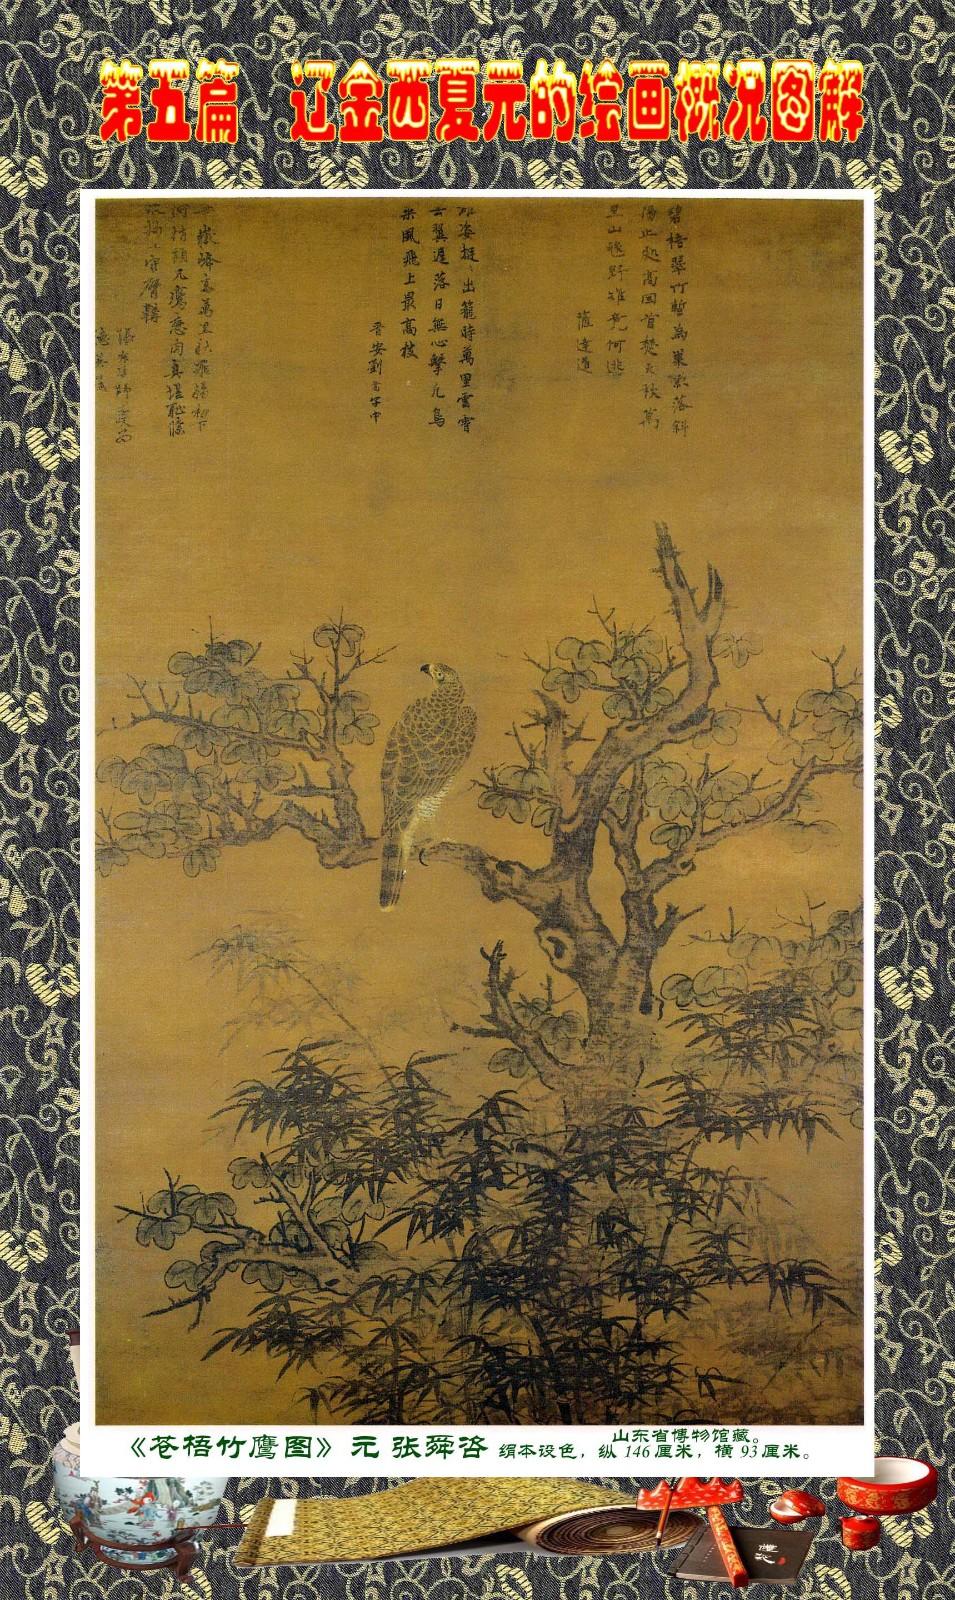 顾绍骅编辑 中国画知识普及版 第五篇 辽金西夏元的绘画概况 下 ... ..._图1-12